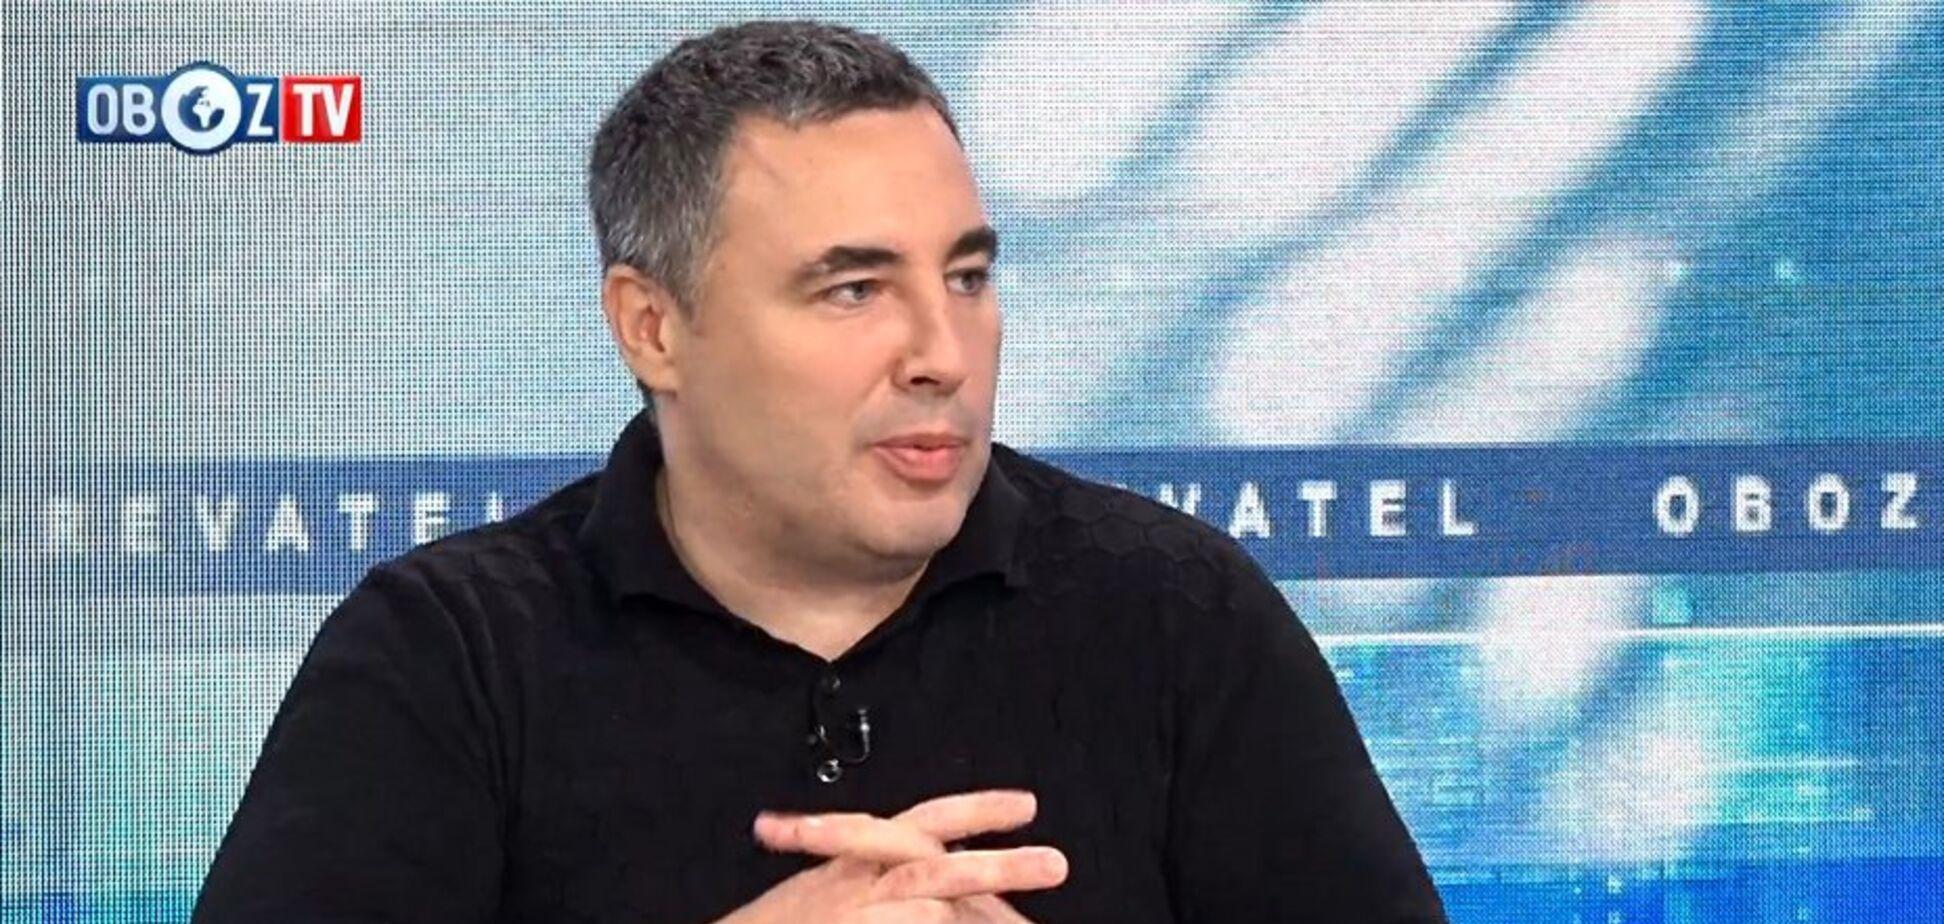 Ринку землі в Україні не буде: експерт із земельних питань